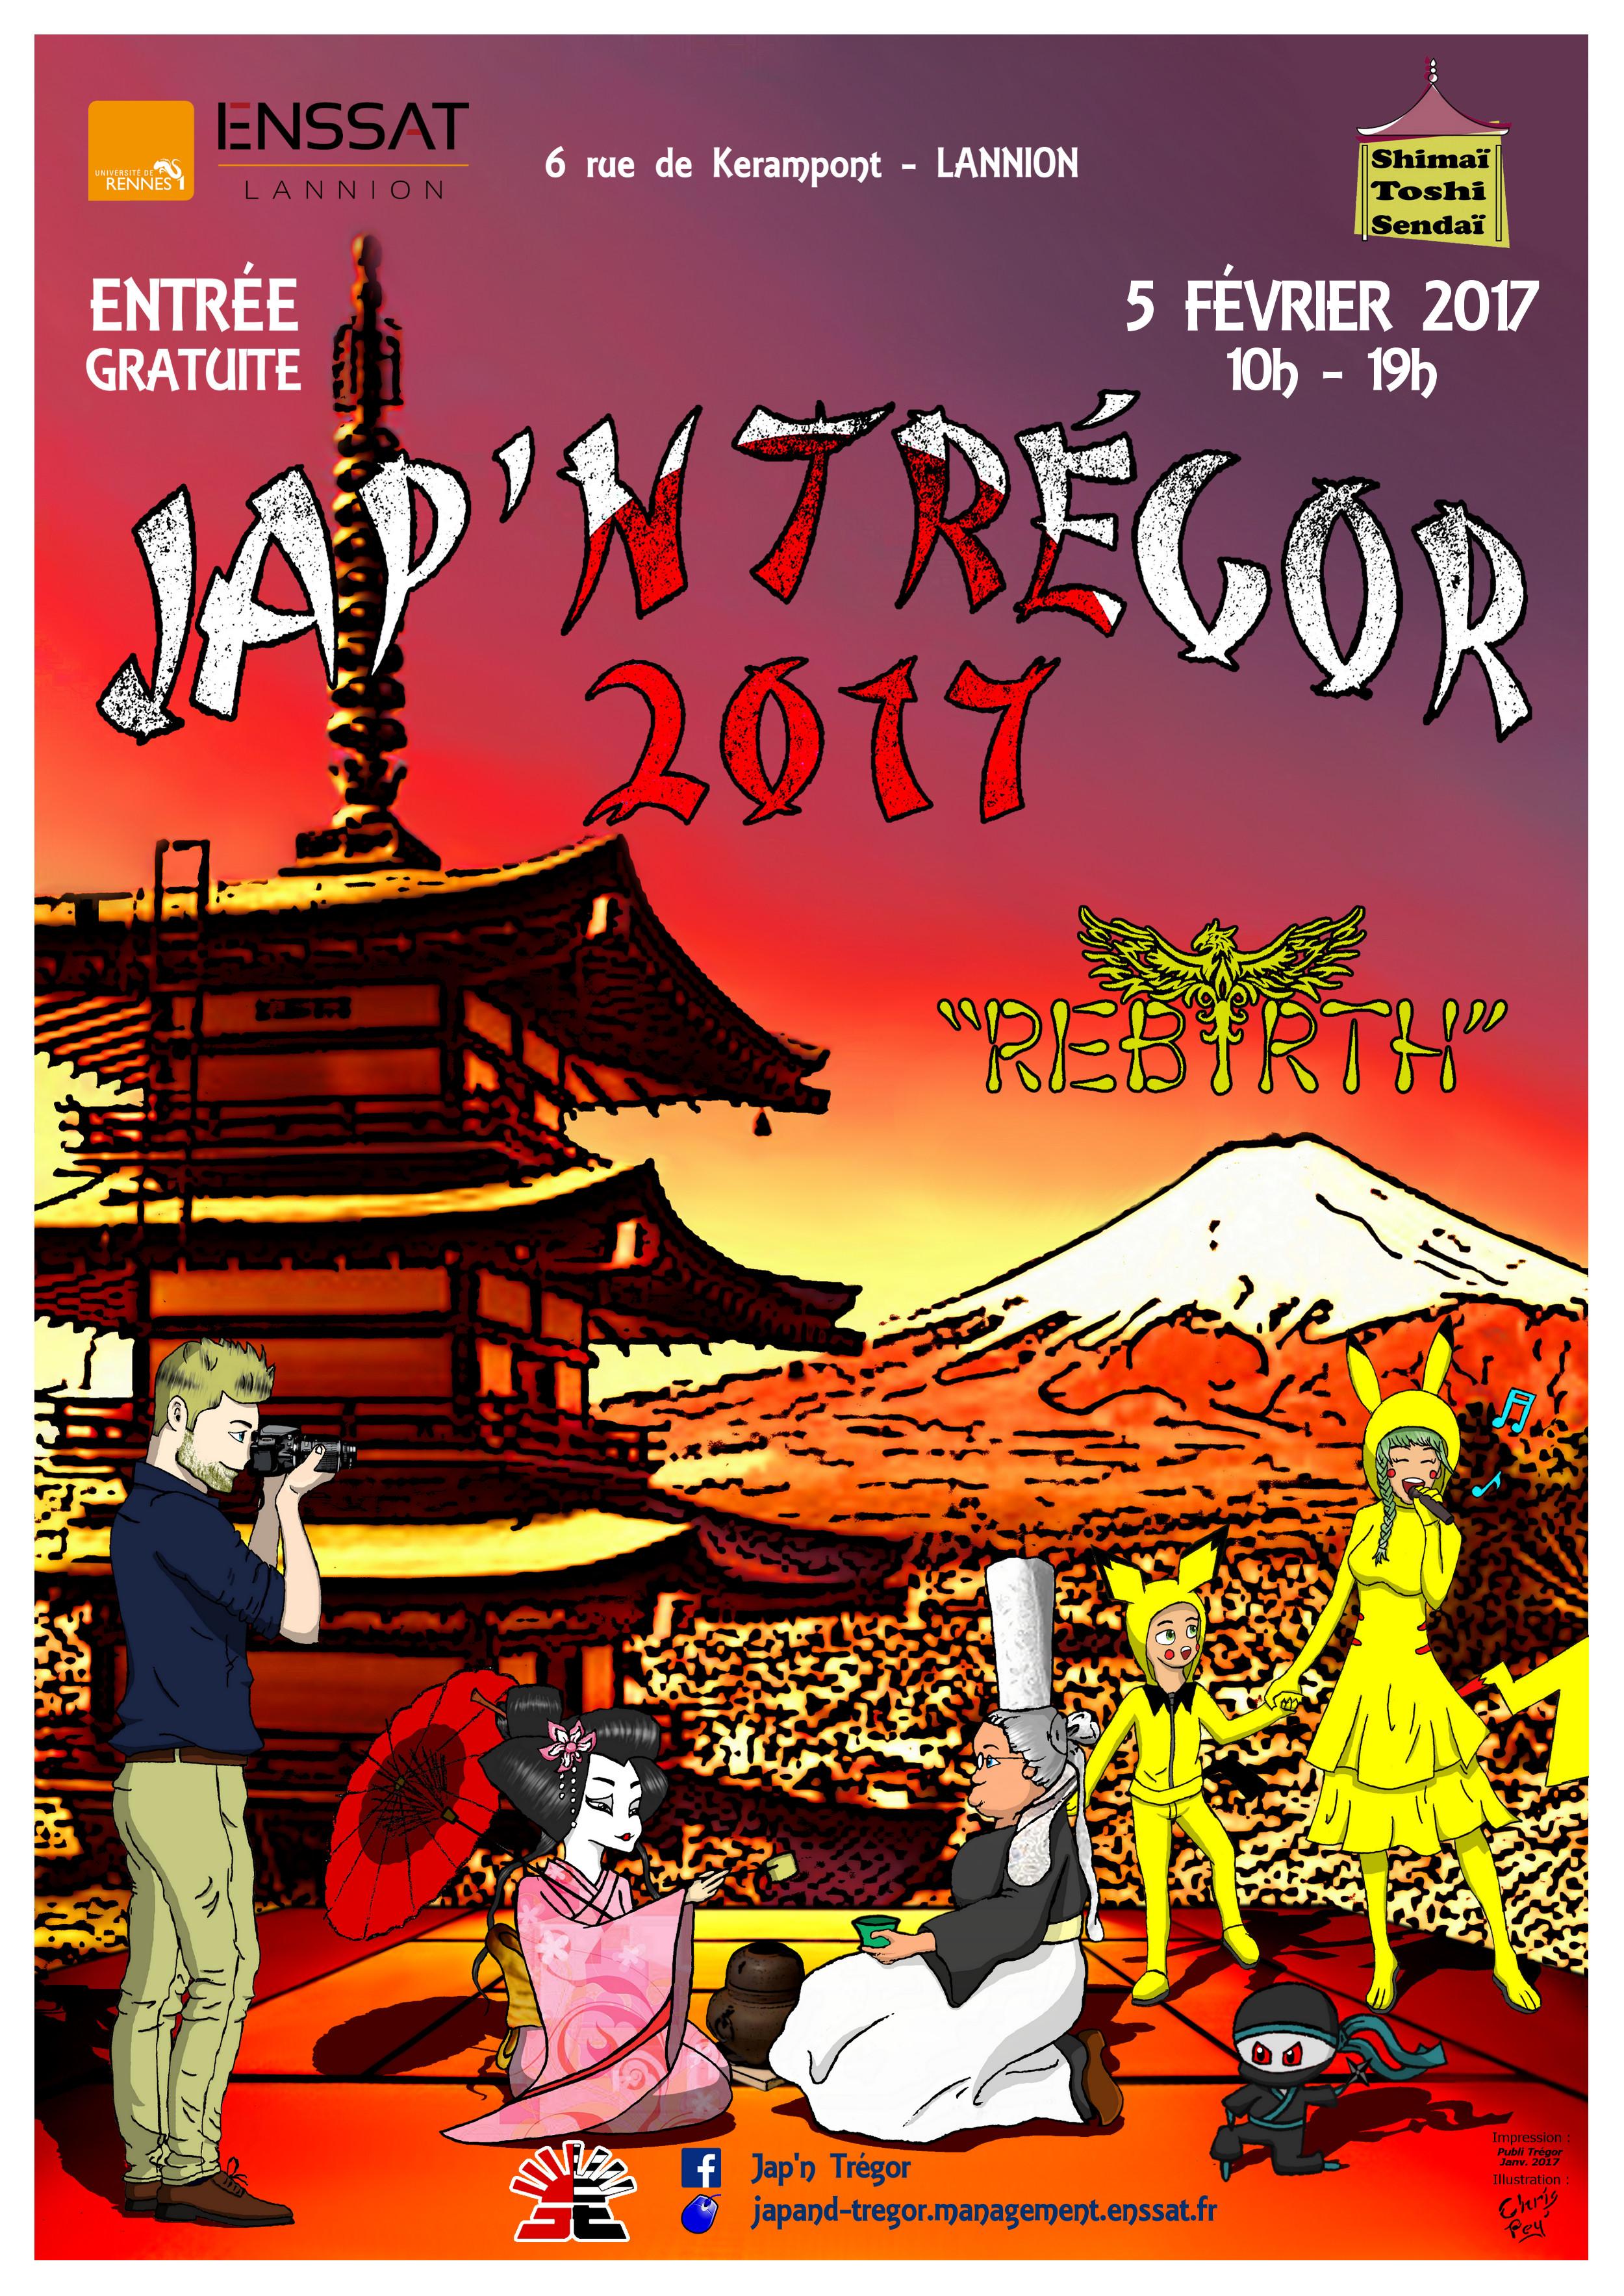 Jumelage Rennes Sendai participe au Festival «JAP'N TREGOR» à l'ENSSAT, Lannion (le dimanche 5 février de 10 h à 19 h)